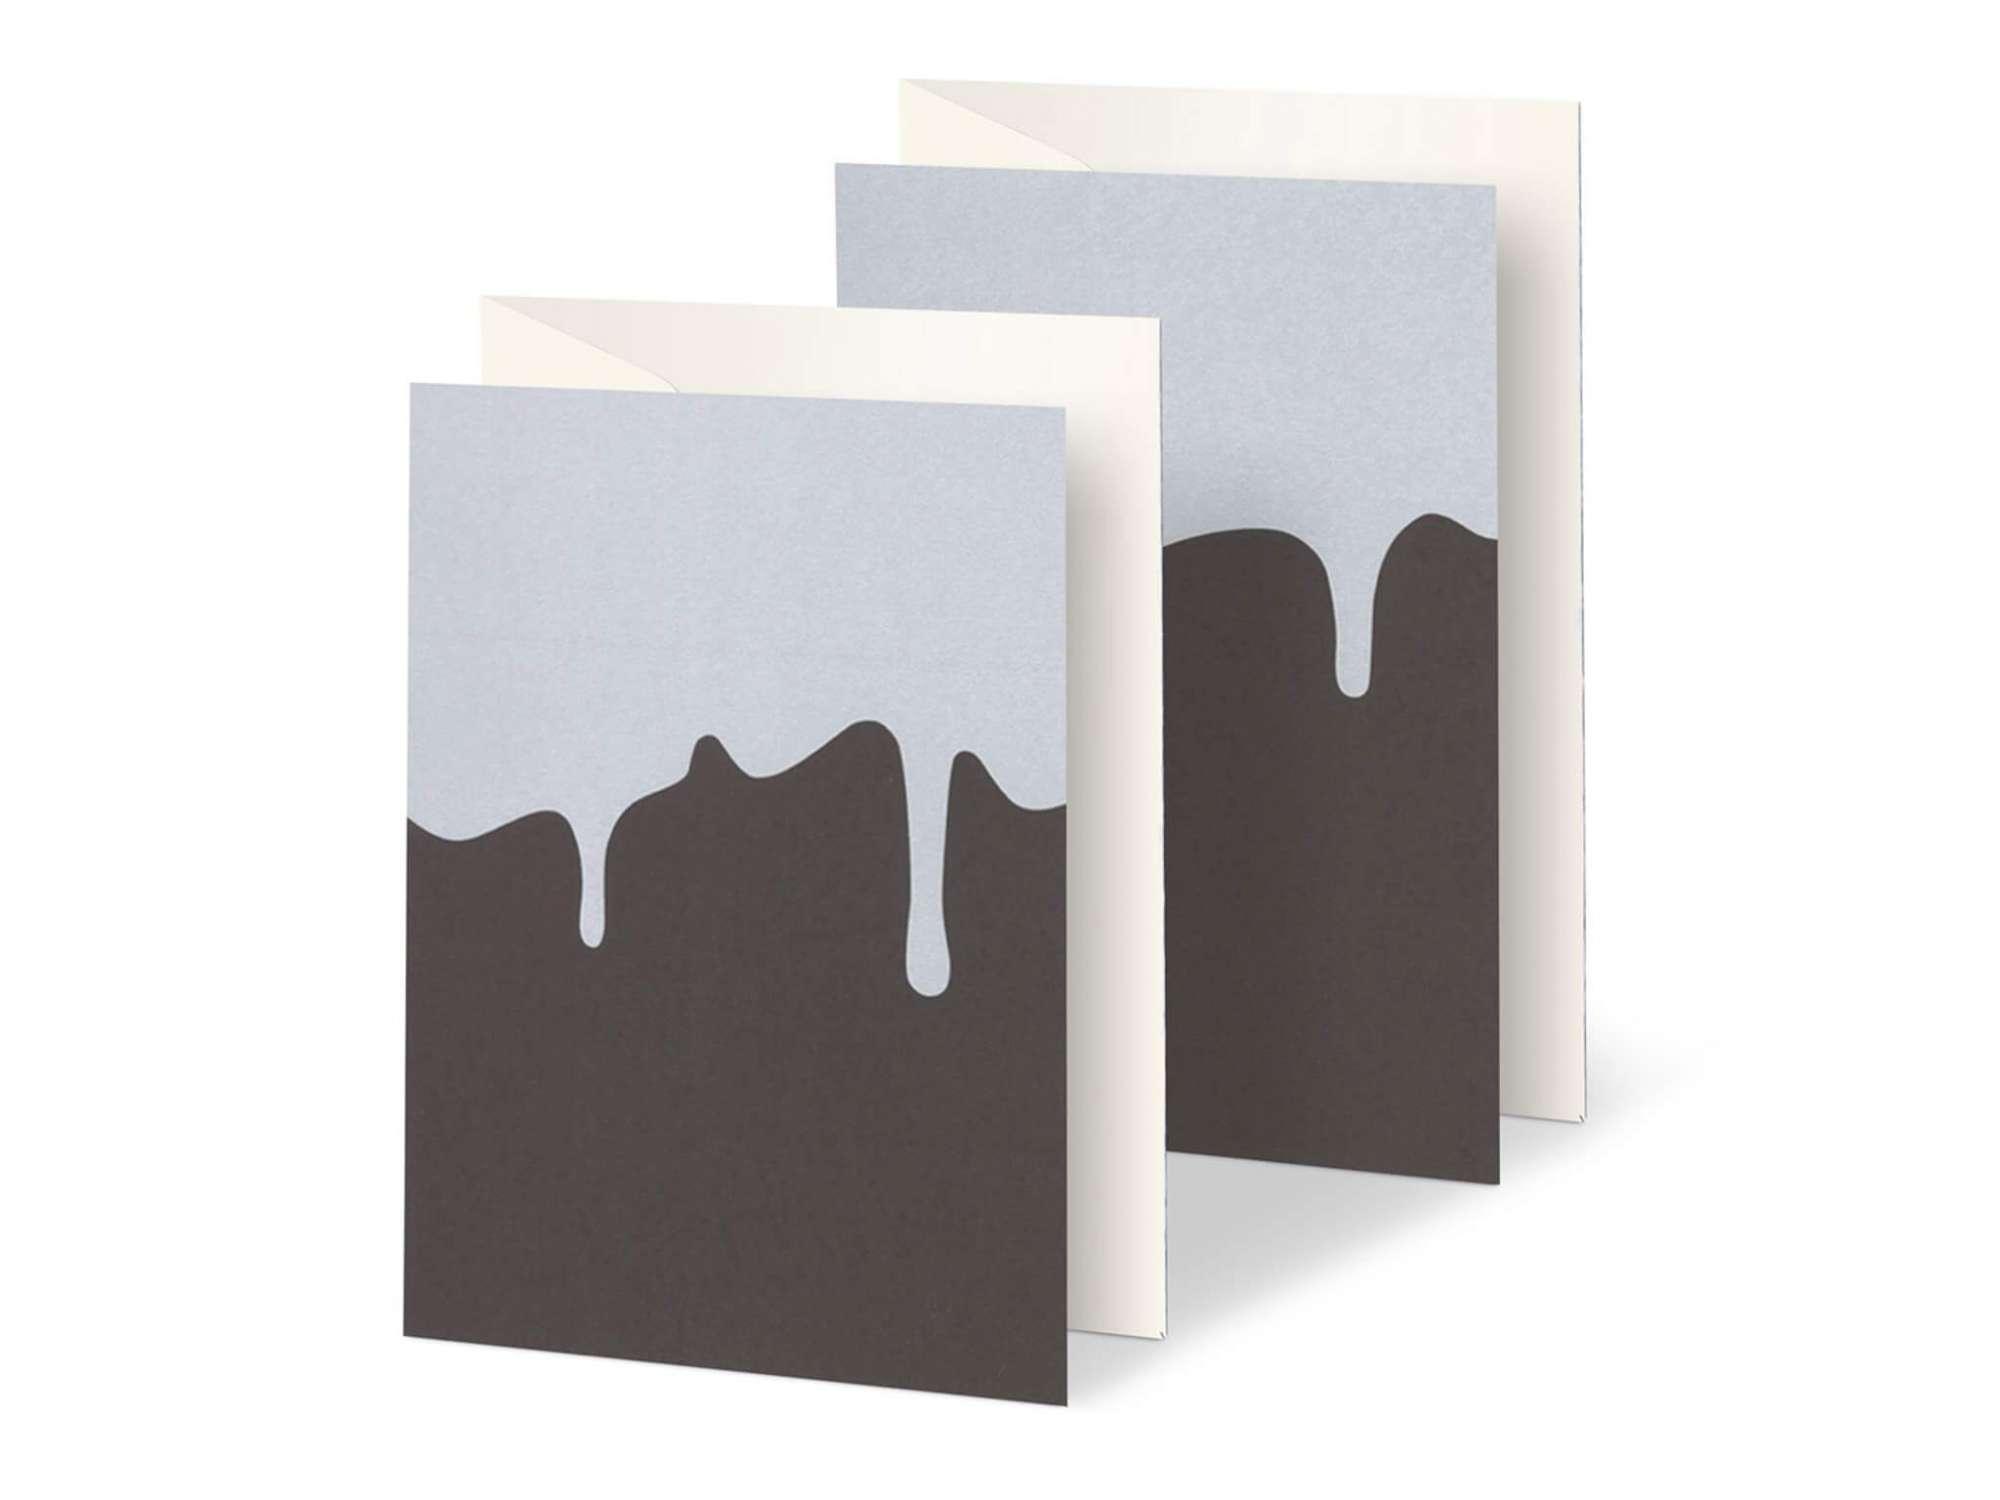 duo de cartes sérigraphiés, motif coulure de chocolat blanc sur papier brun par Ichetkar.